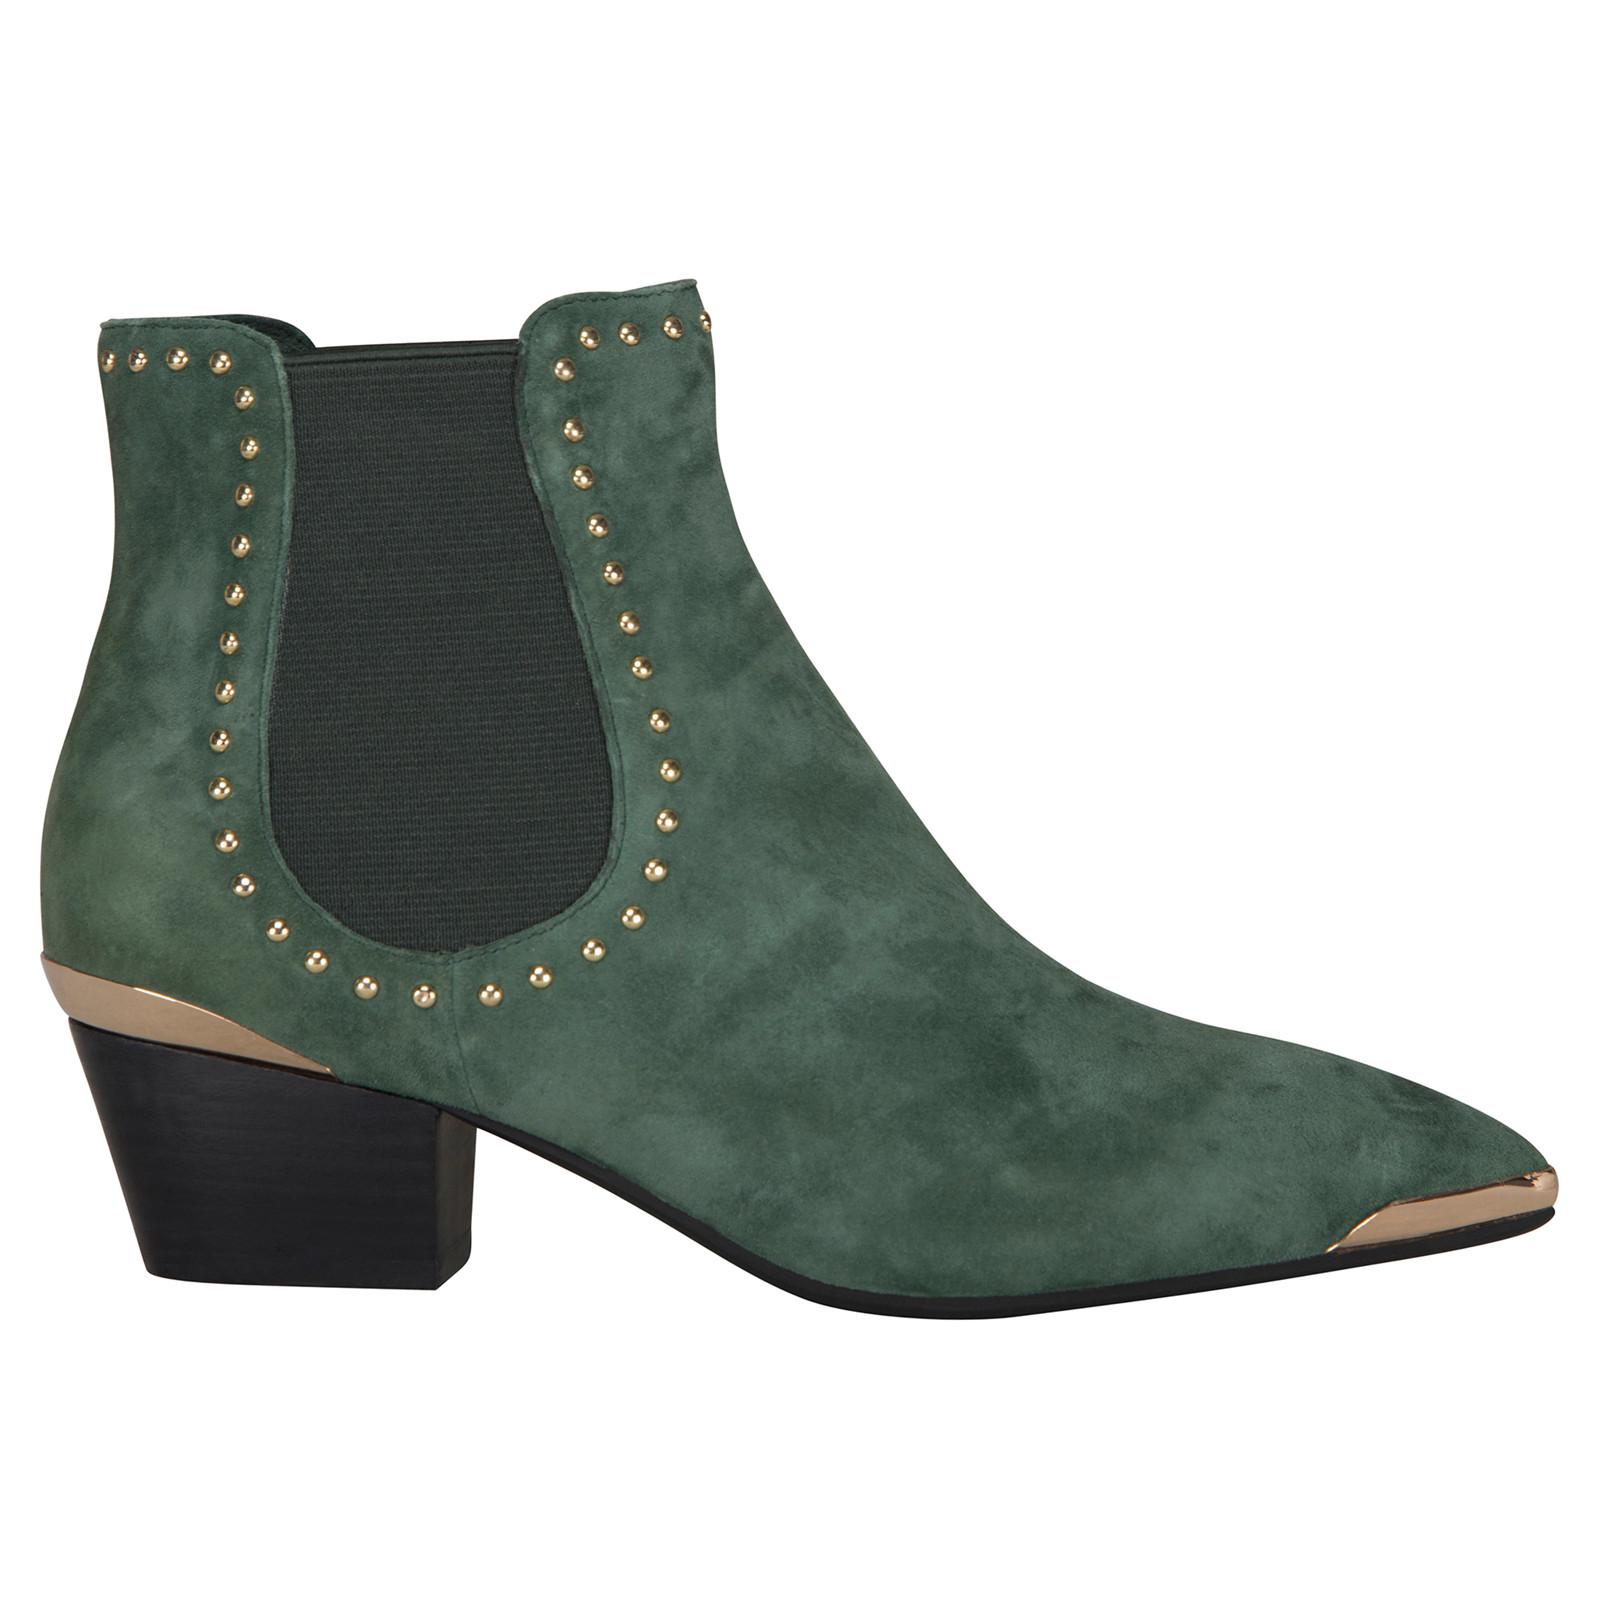 Sofie Schnoor Low Rivet støvle med detaljer